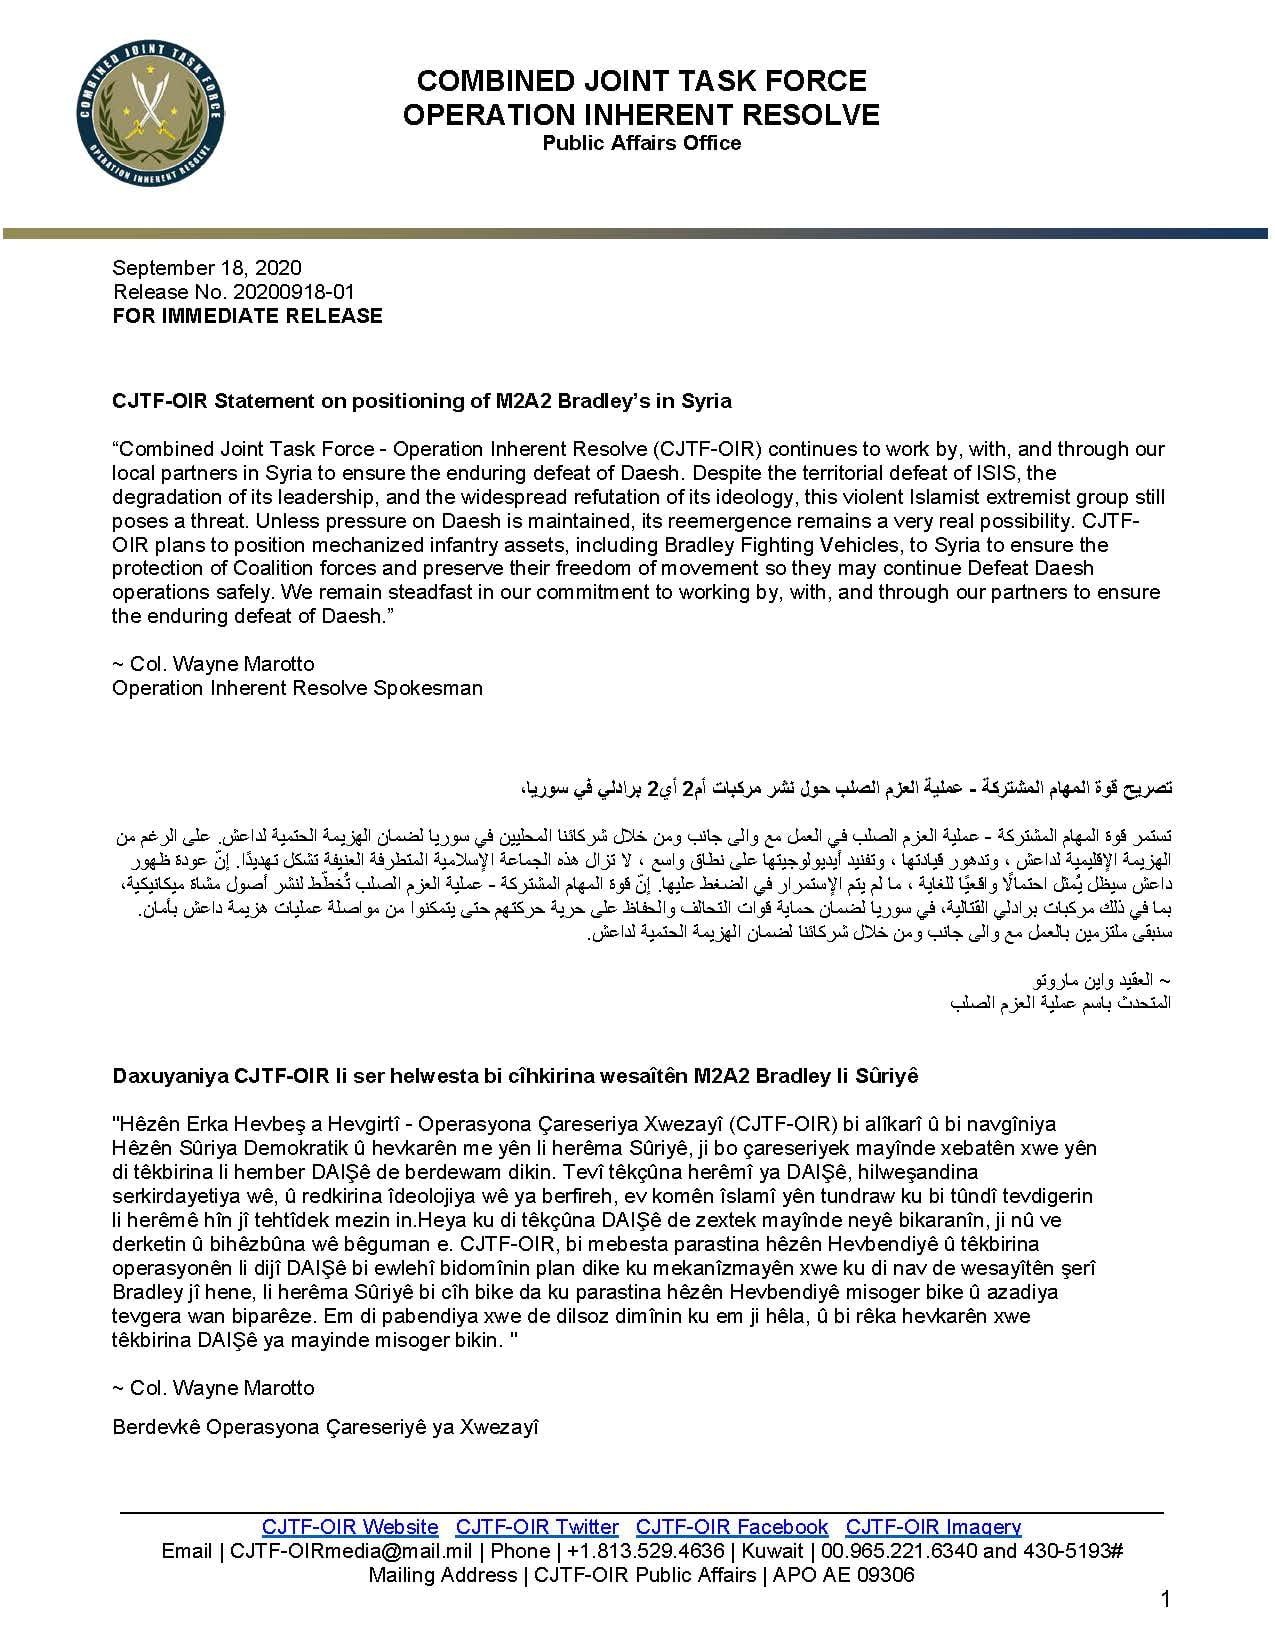 بيان قوات التحالف 19 من أيلول 2020 (الصفحة الرسمية للتحالف في فيس بوك)